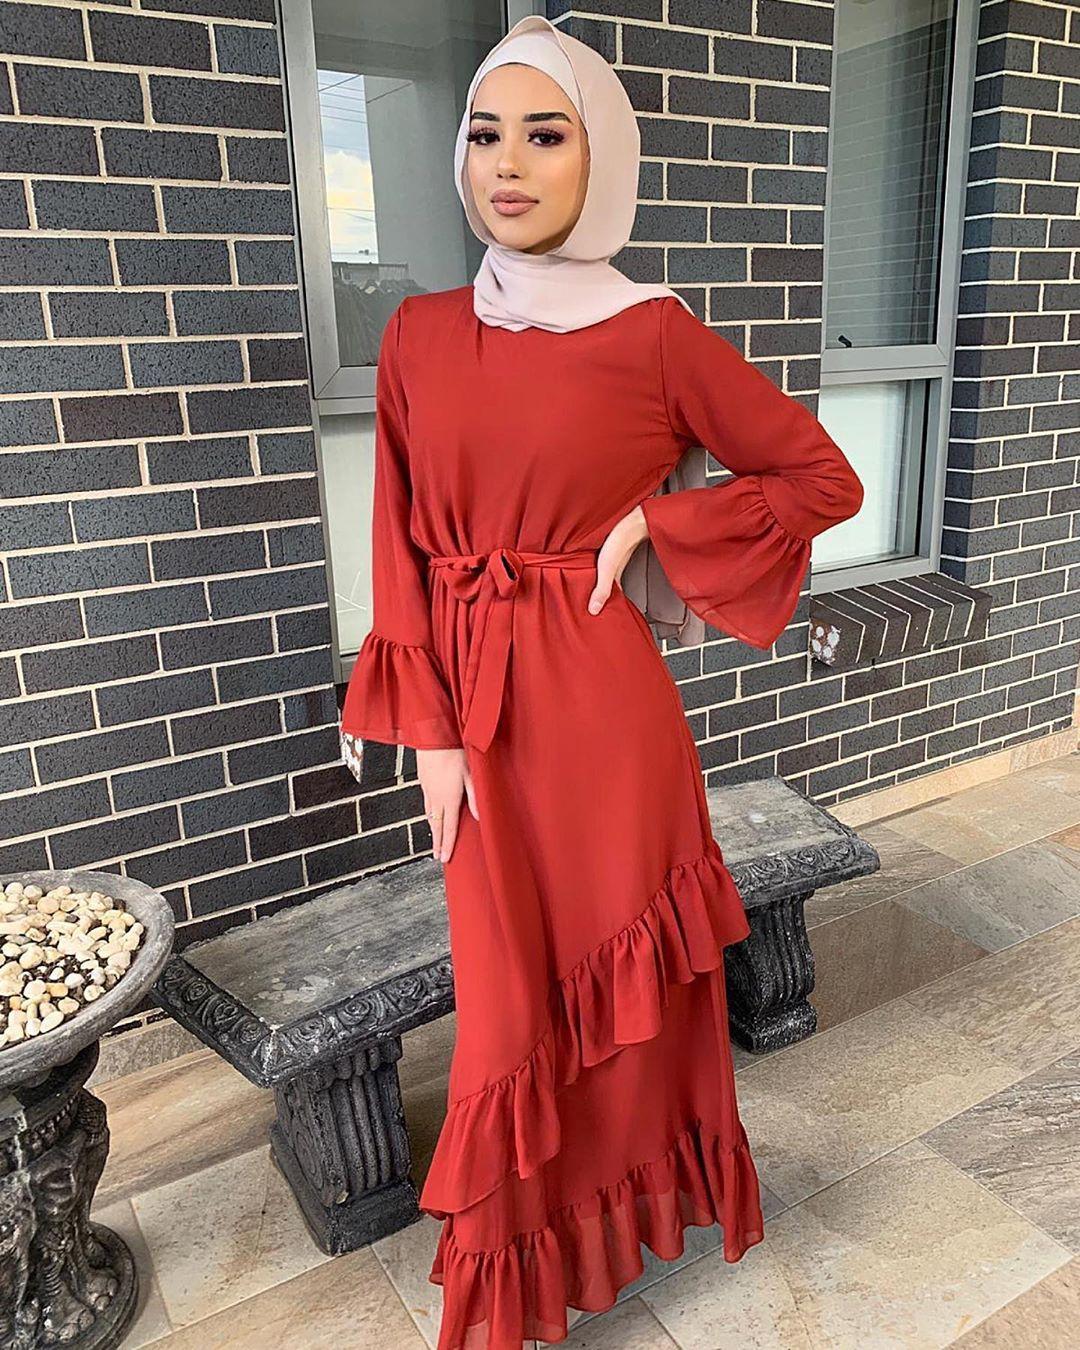 Пот мусульманское Каскадное платье с рюшами женское однотонное кружевное тонкое Макси-платье трапециевидной формы